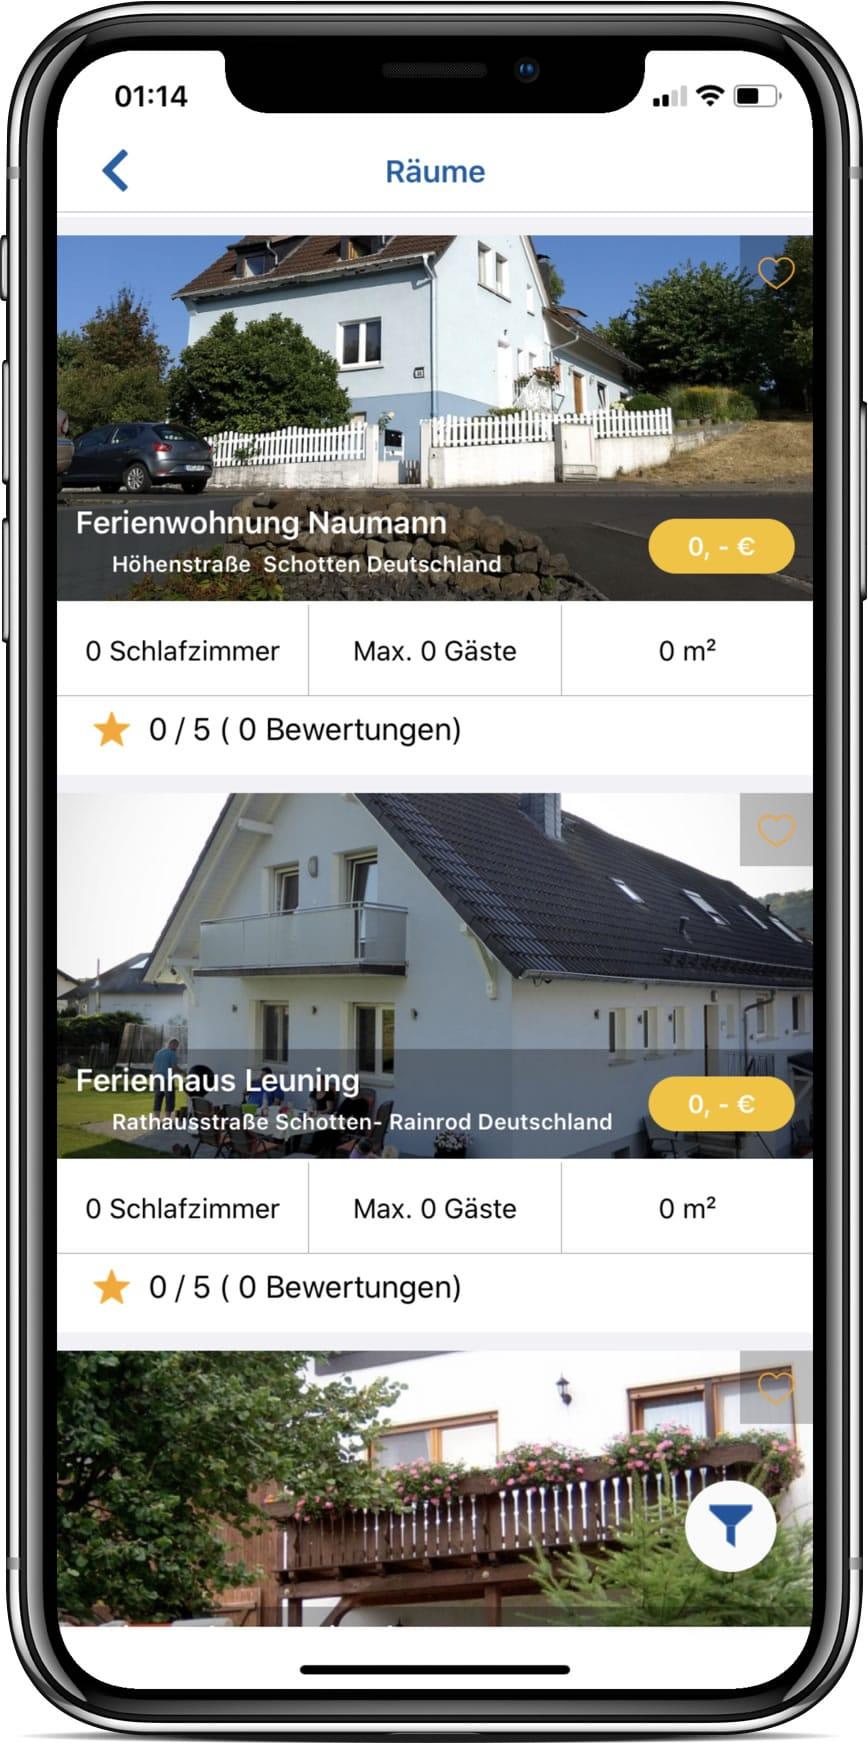 Entwicklung-der-mobilen-App-für-Ferienhäuser-3-1